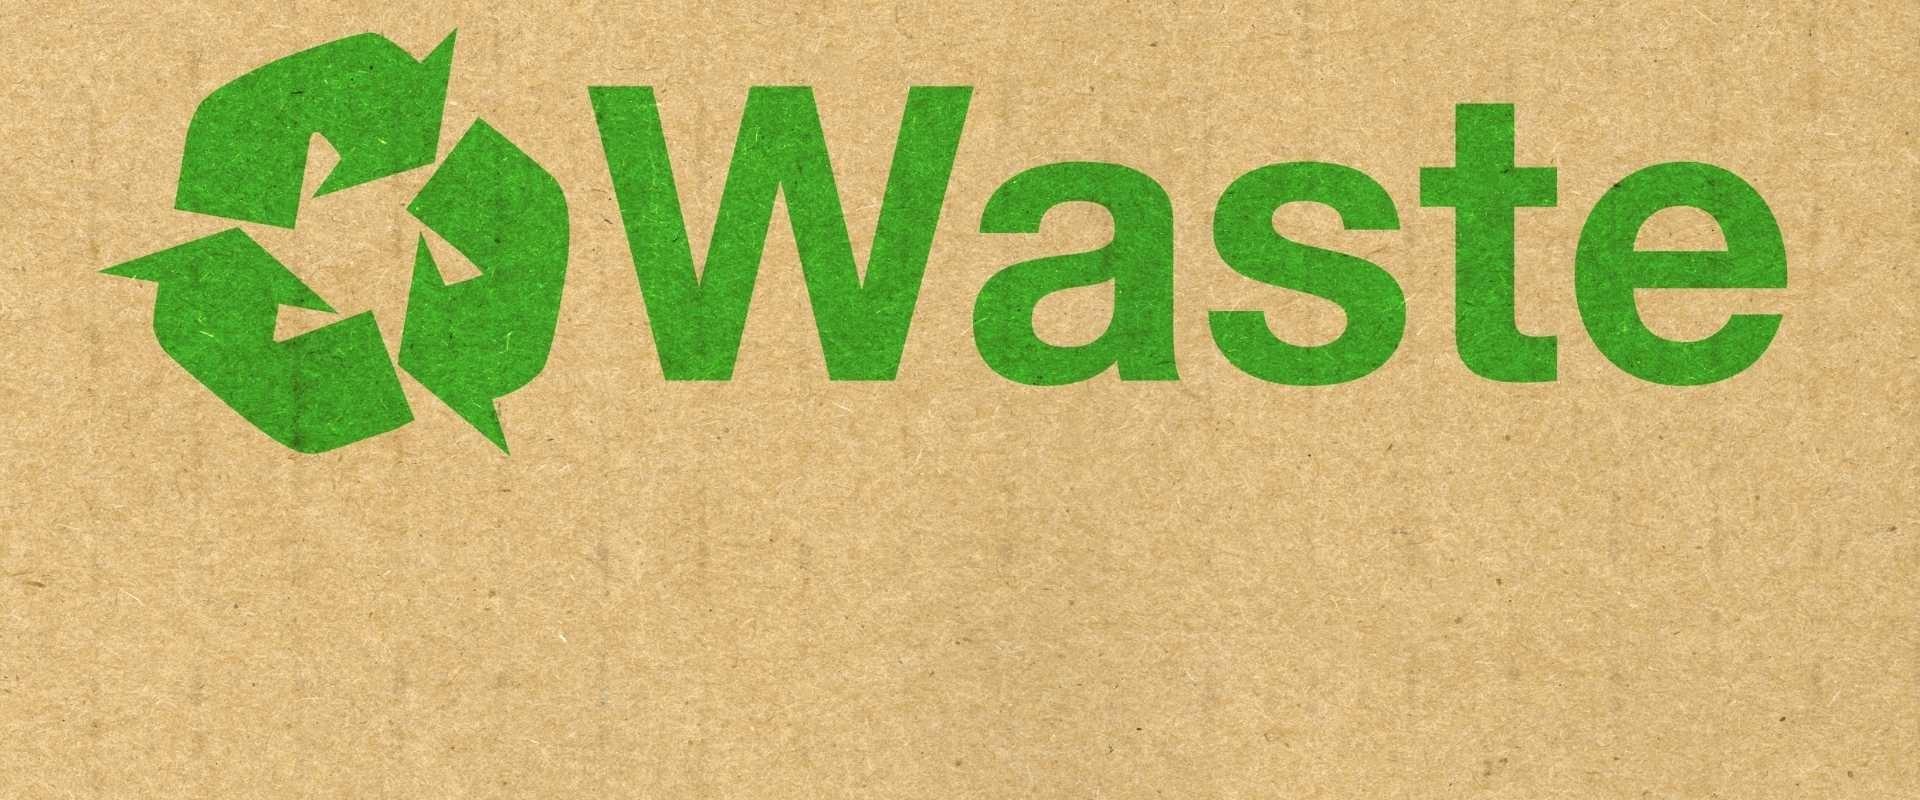 Afval recyclen, wat kun je allemaal recyclen?